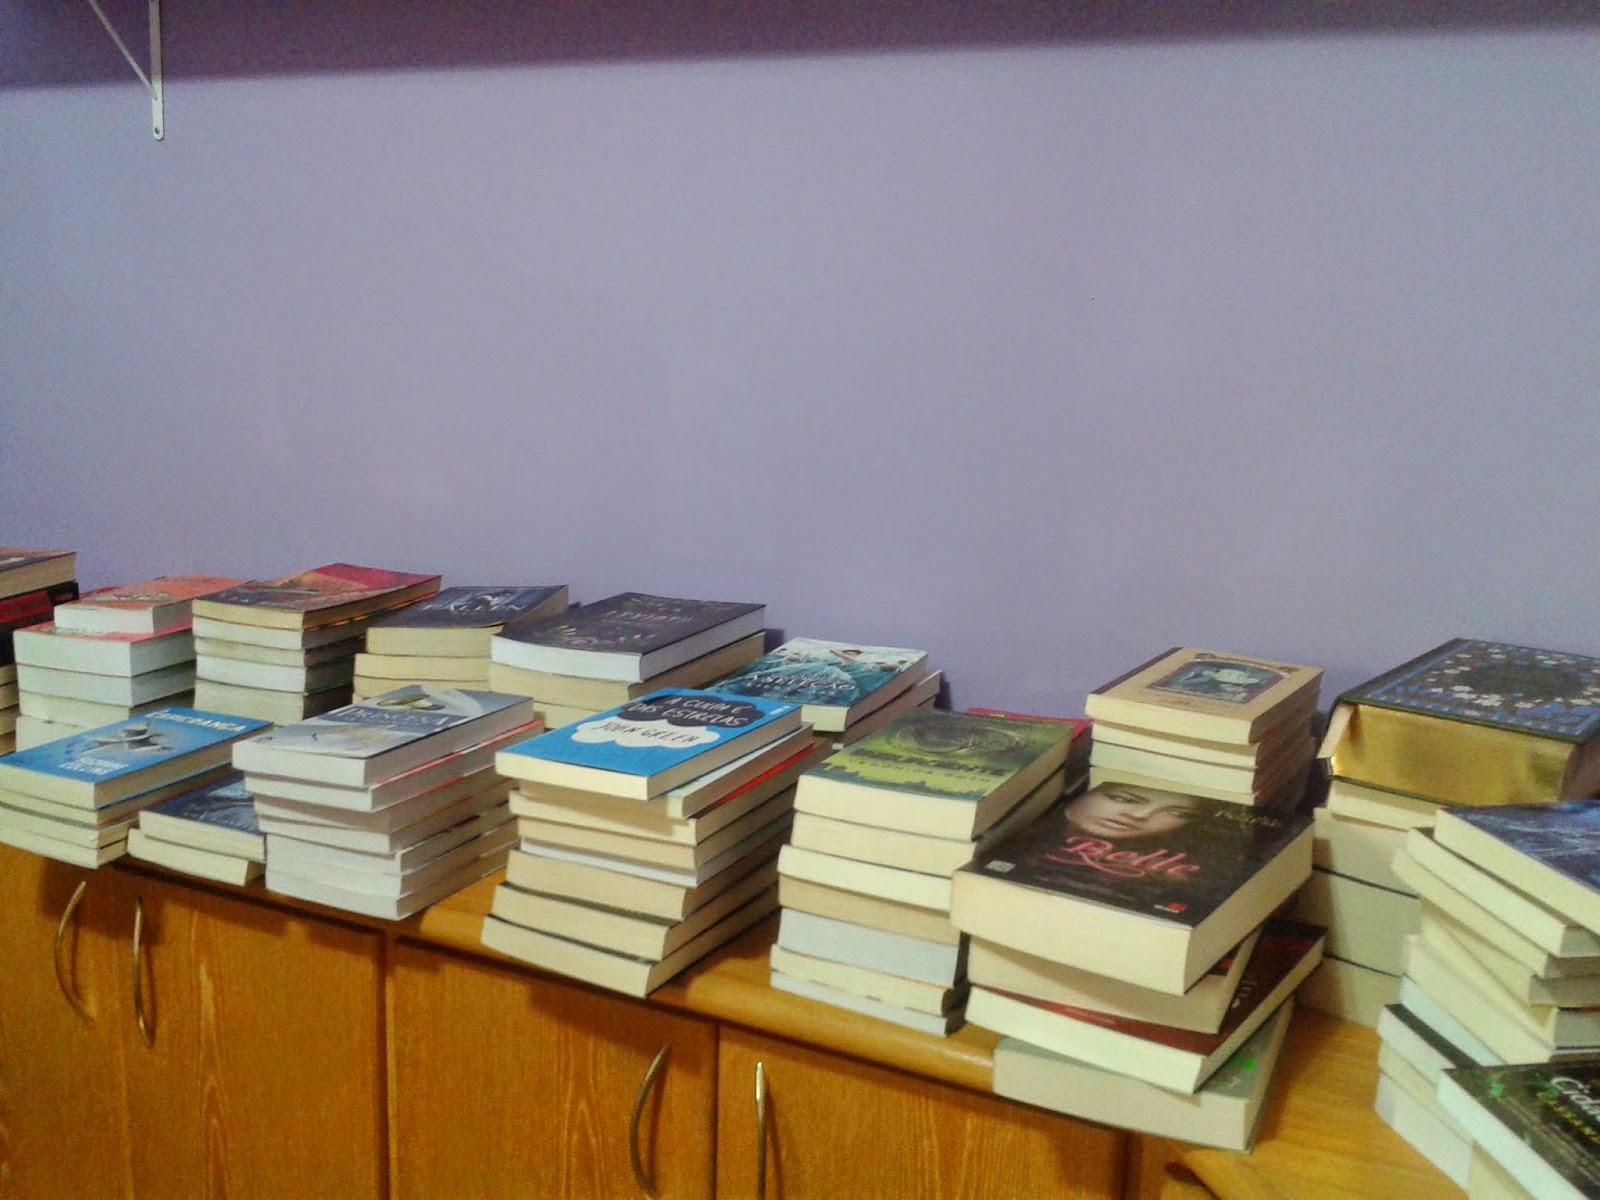 Essas são as estantes em que os livros irão ficar expostos. #7B450E 1600x1200